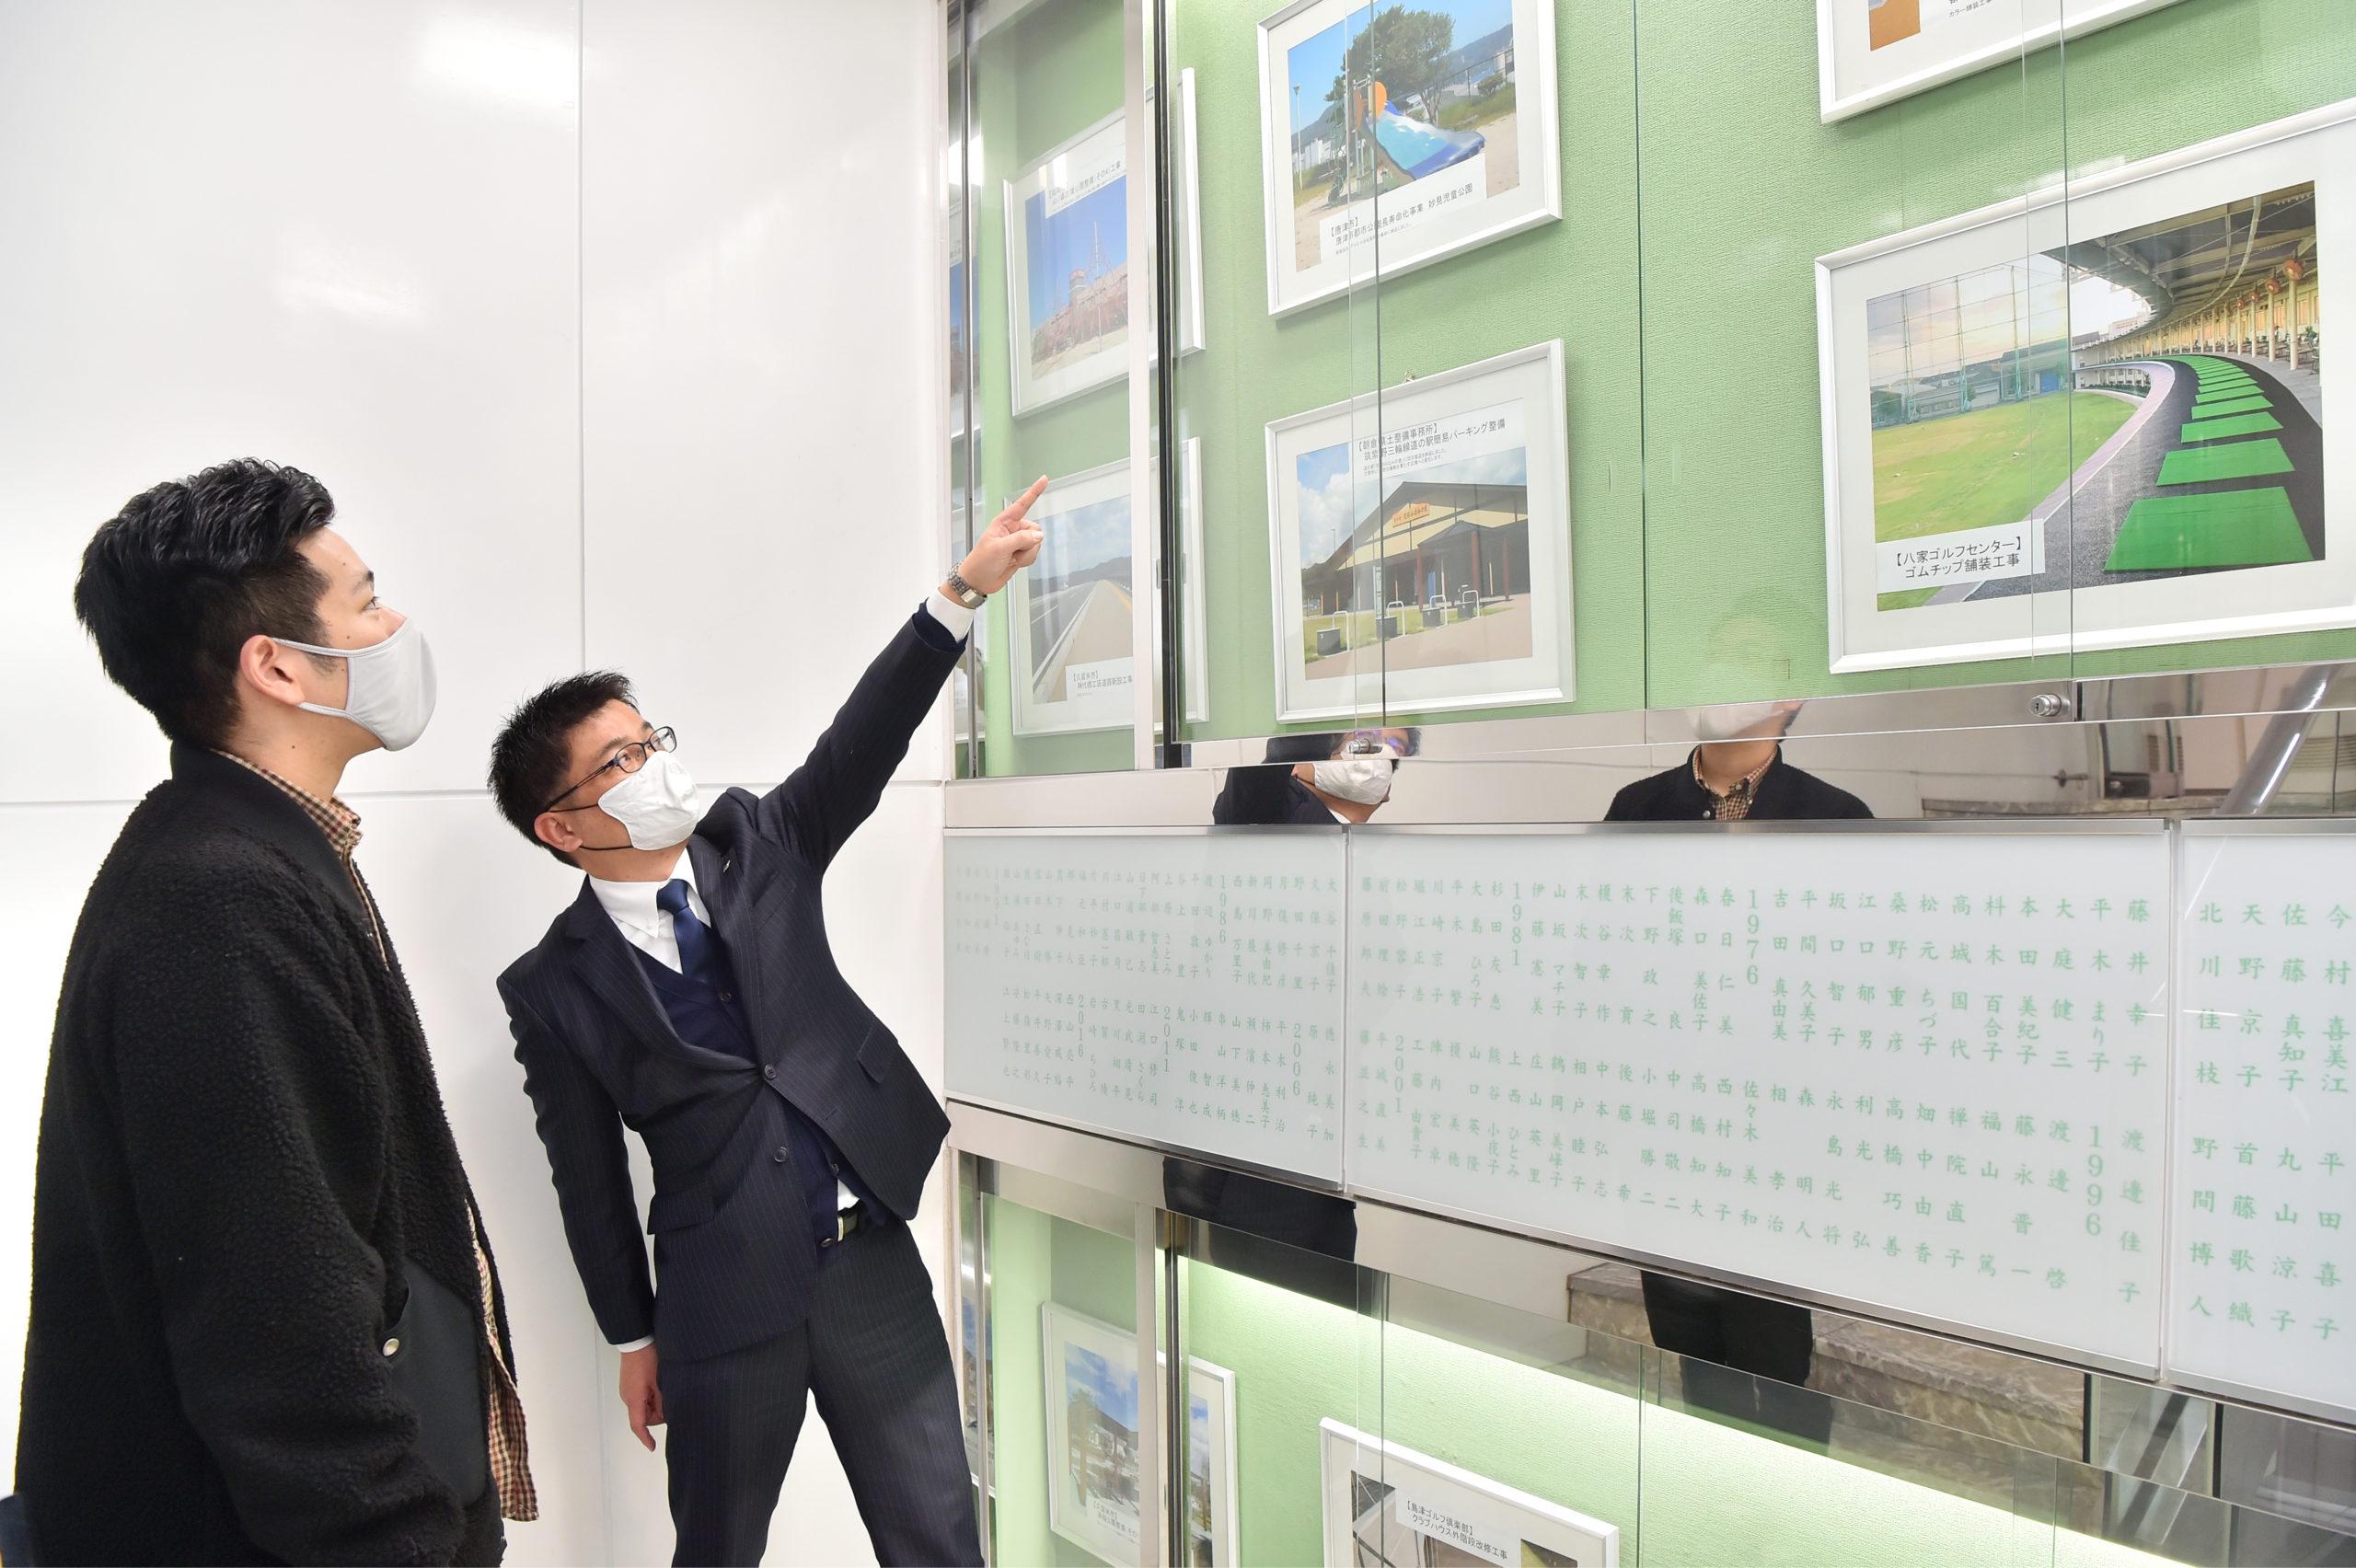 オフィスの踊り場には、これまでにサンヨウ株式会社が携わってきた施設の写真が。